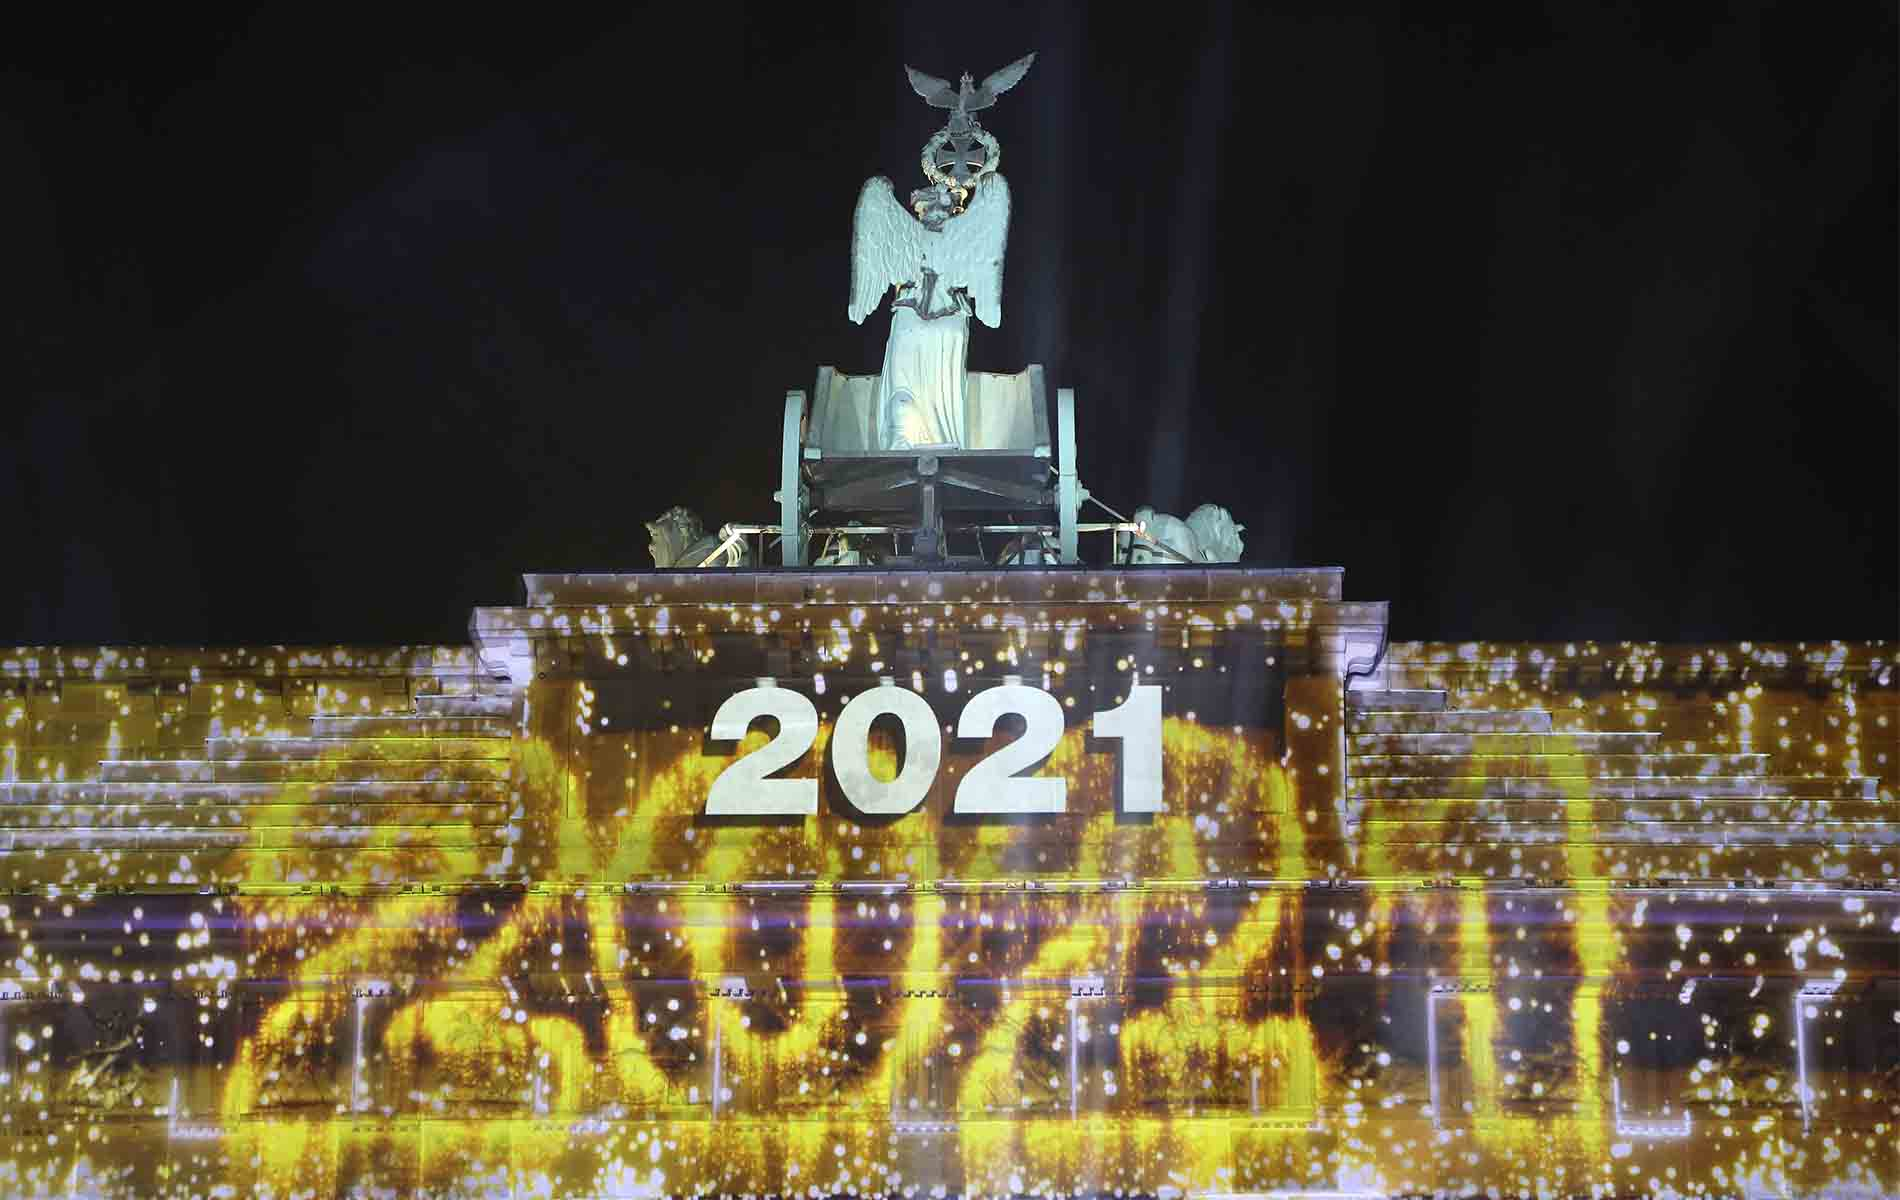 Uno de los peores años de la historia, saludó al nuevo 2021